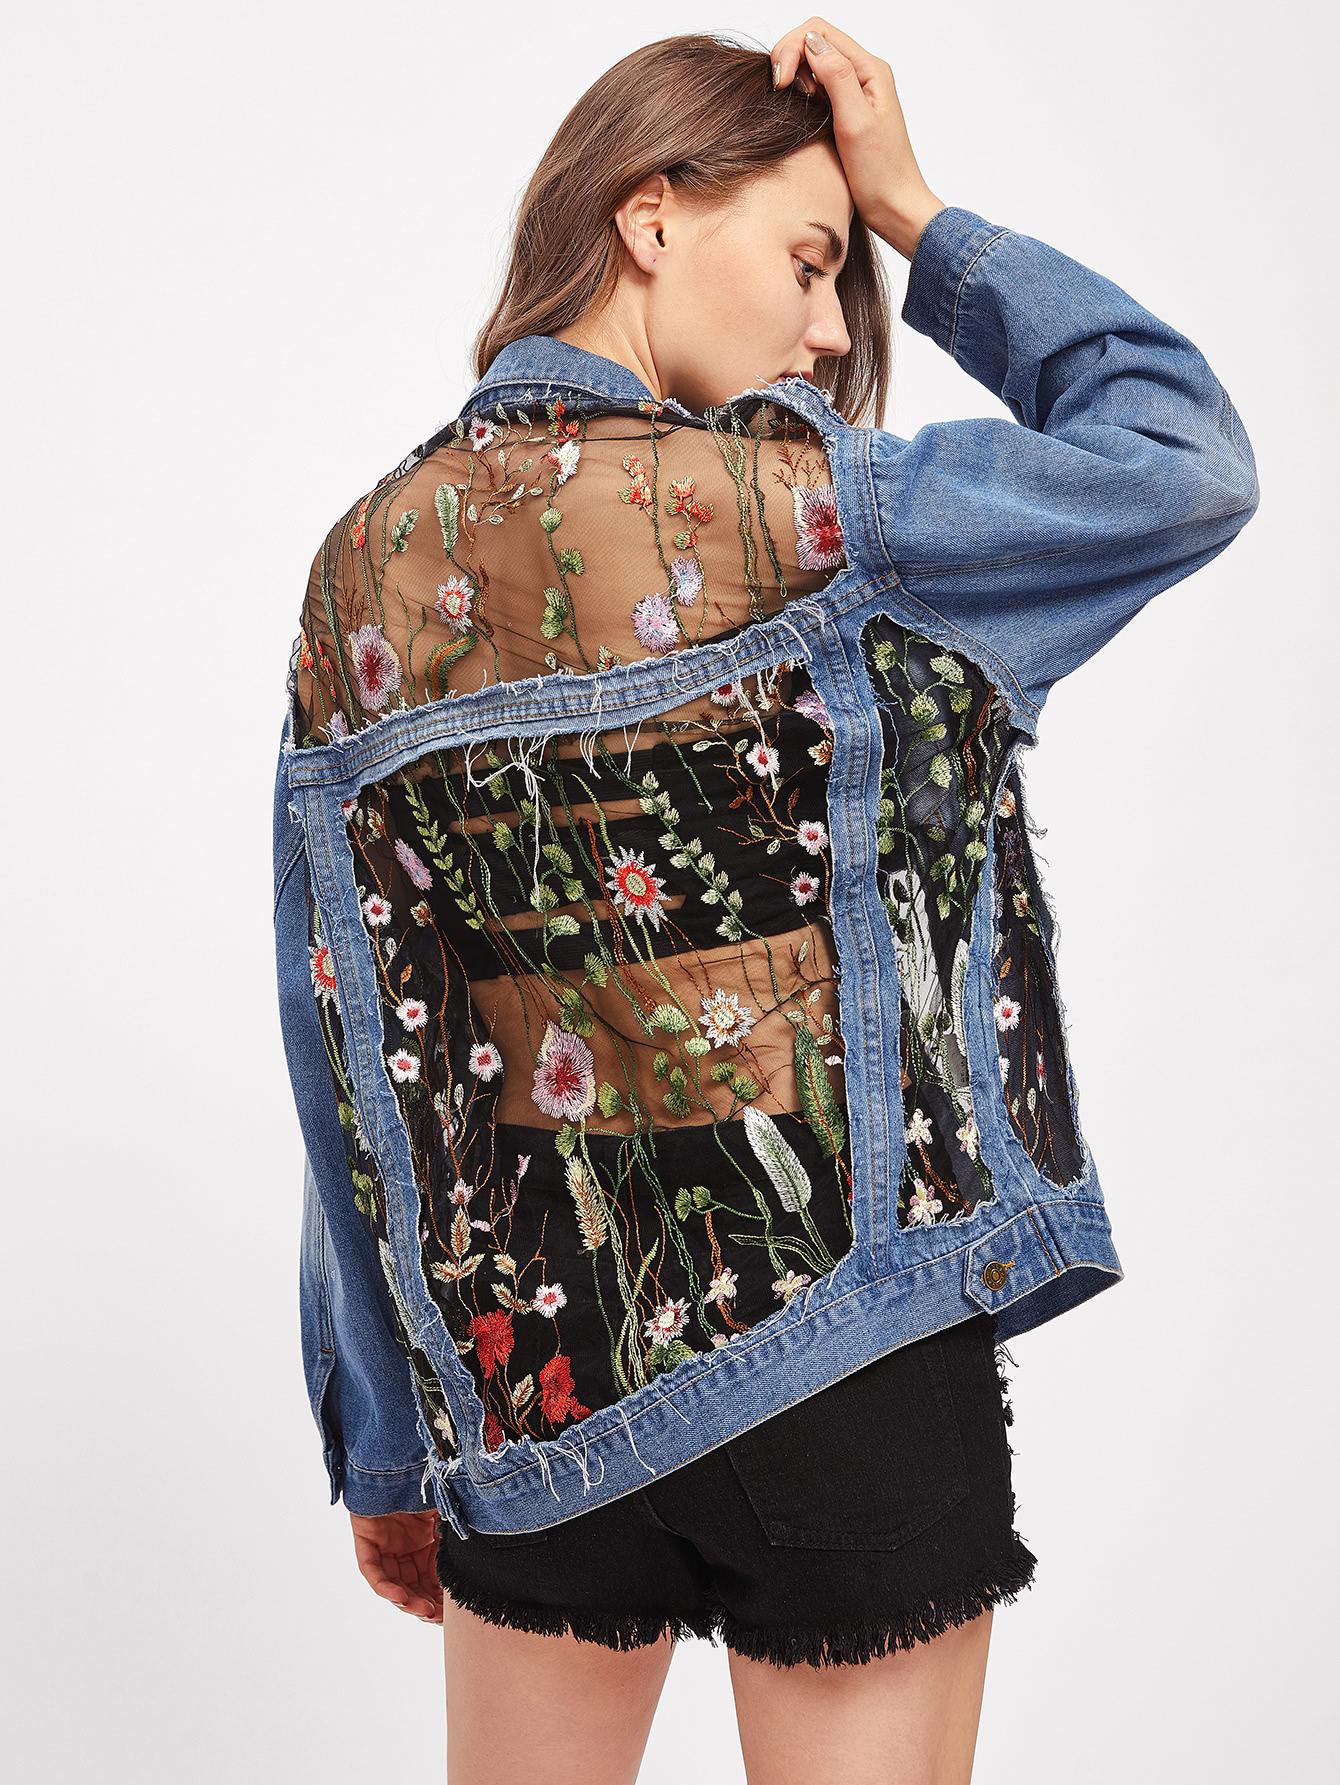 276e36f007 Embroidered Mesh Insert Boyfriend Denim Jacket -SheIn(Sheinside)